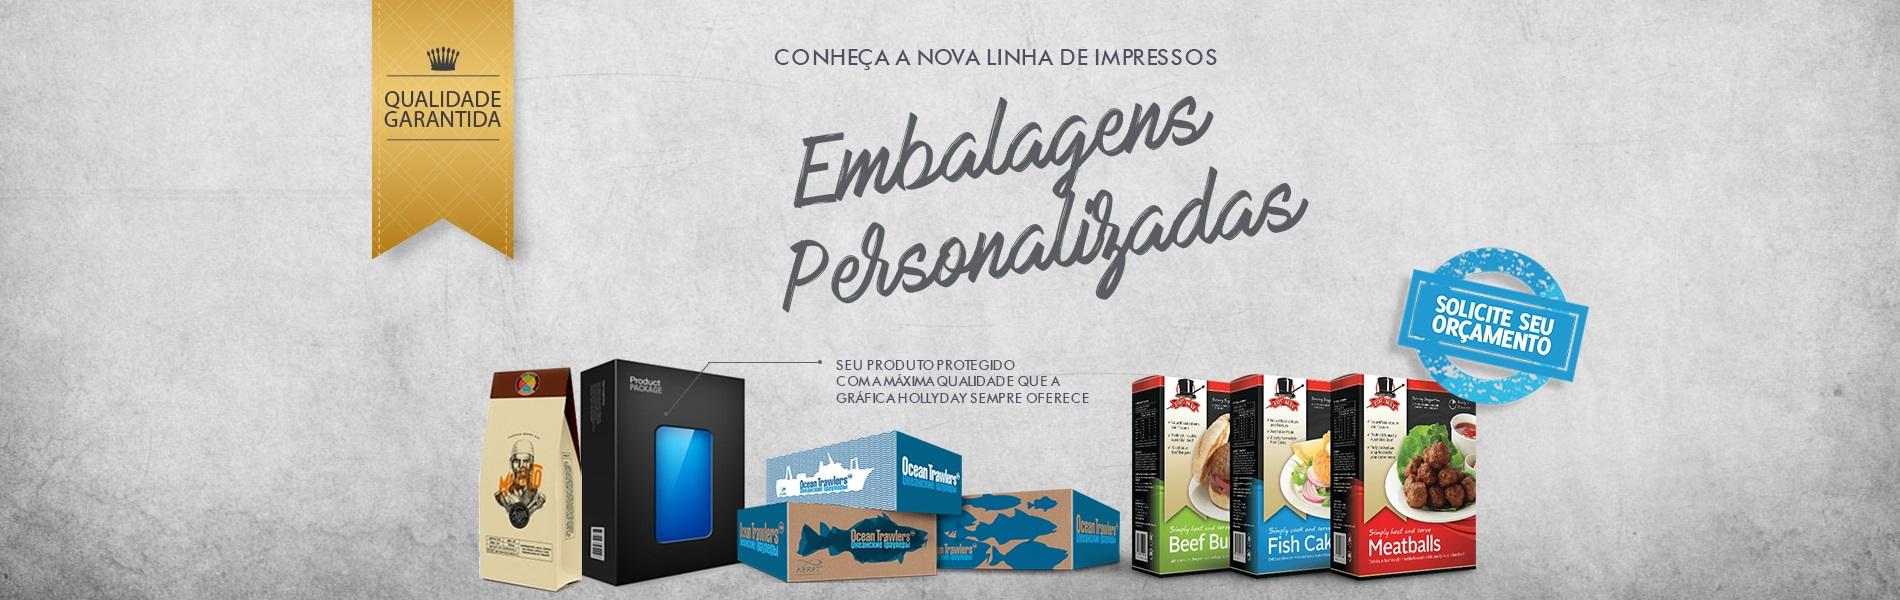 banner_embalagem_personalizada